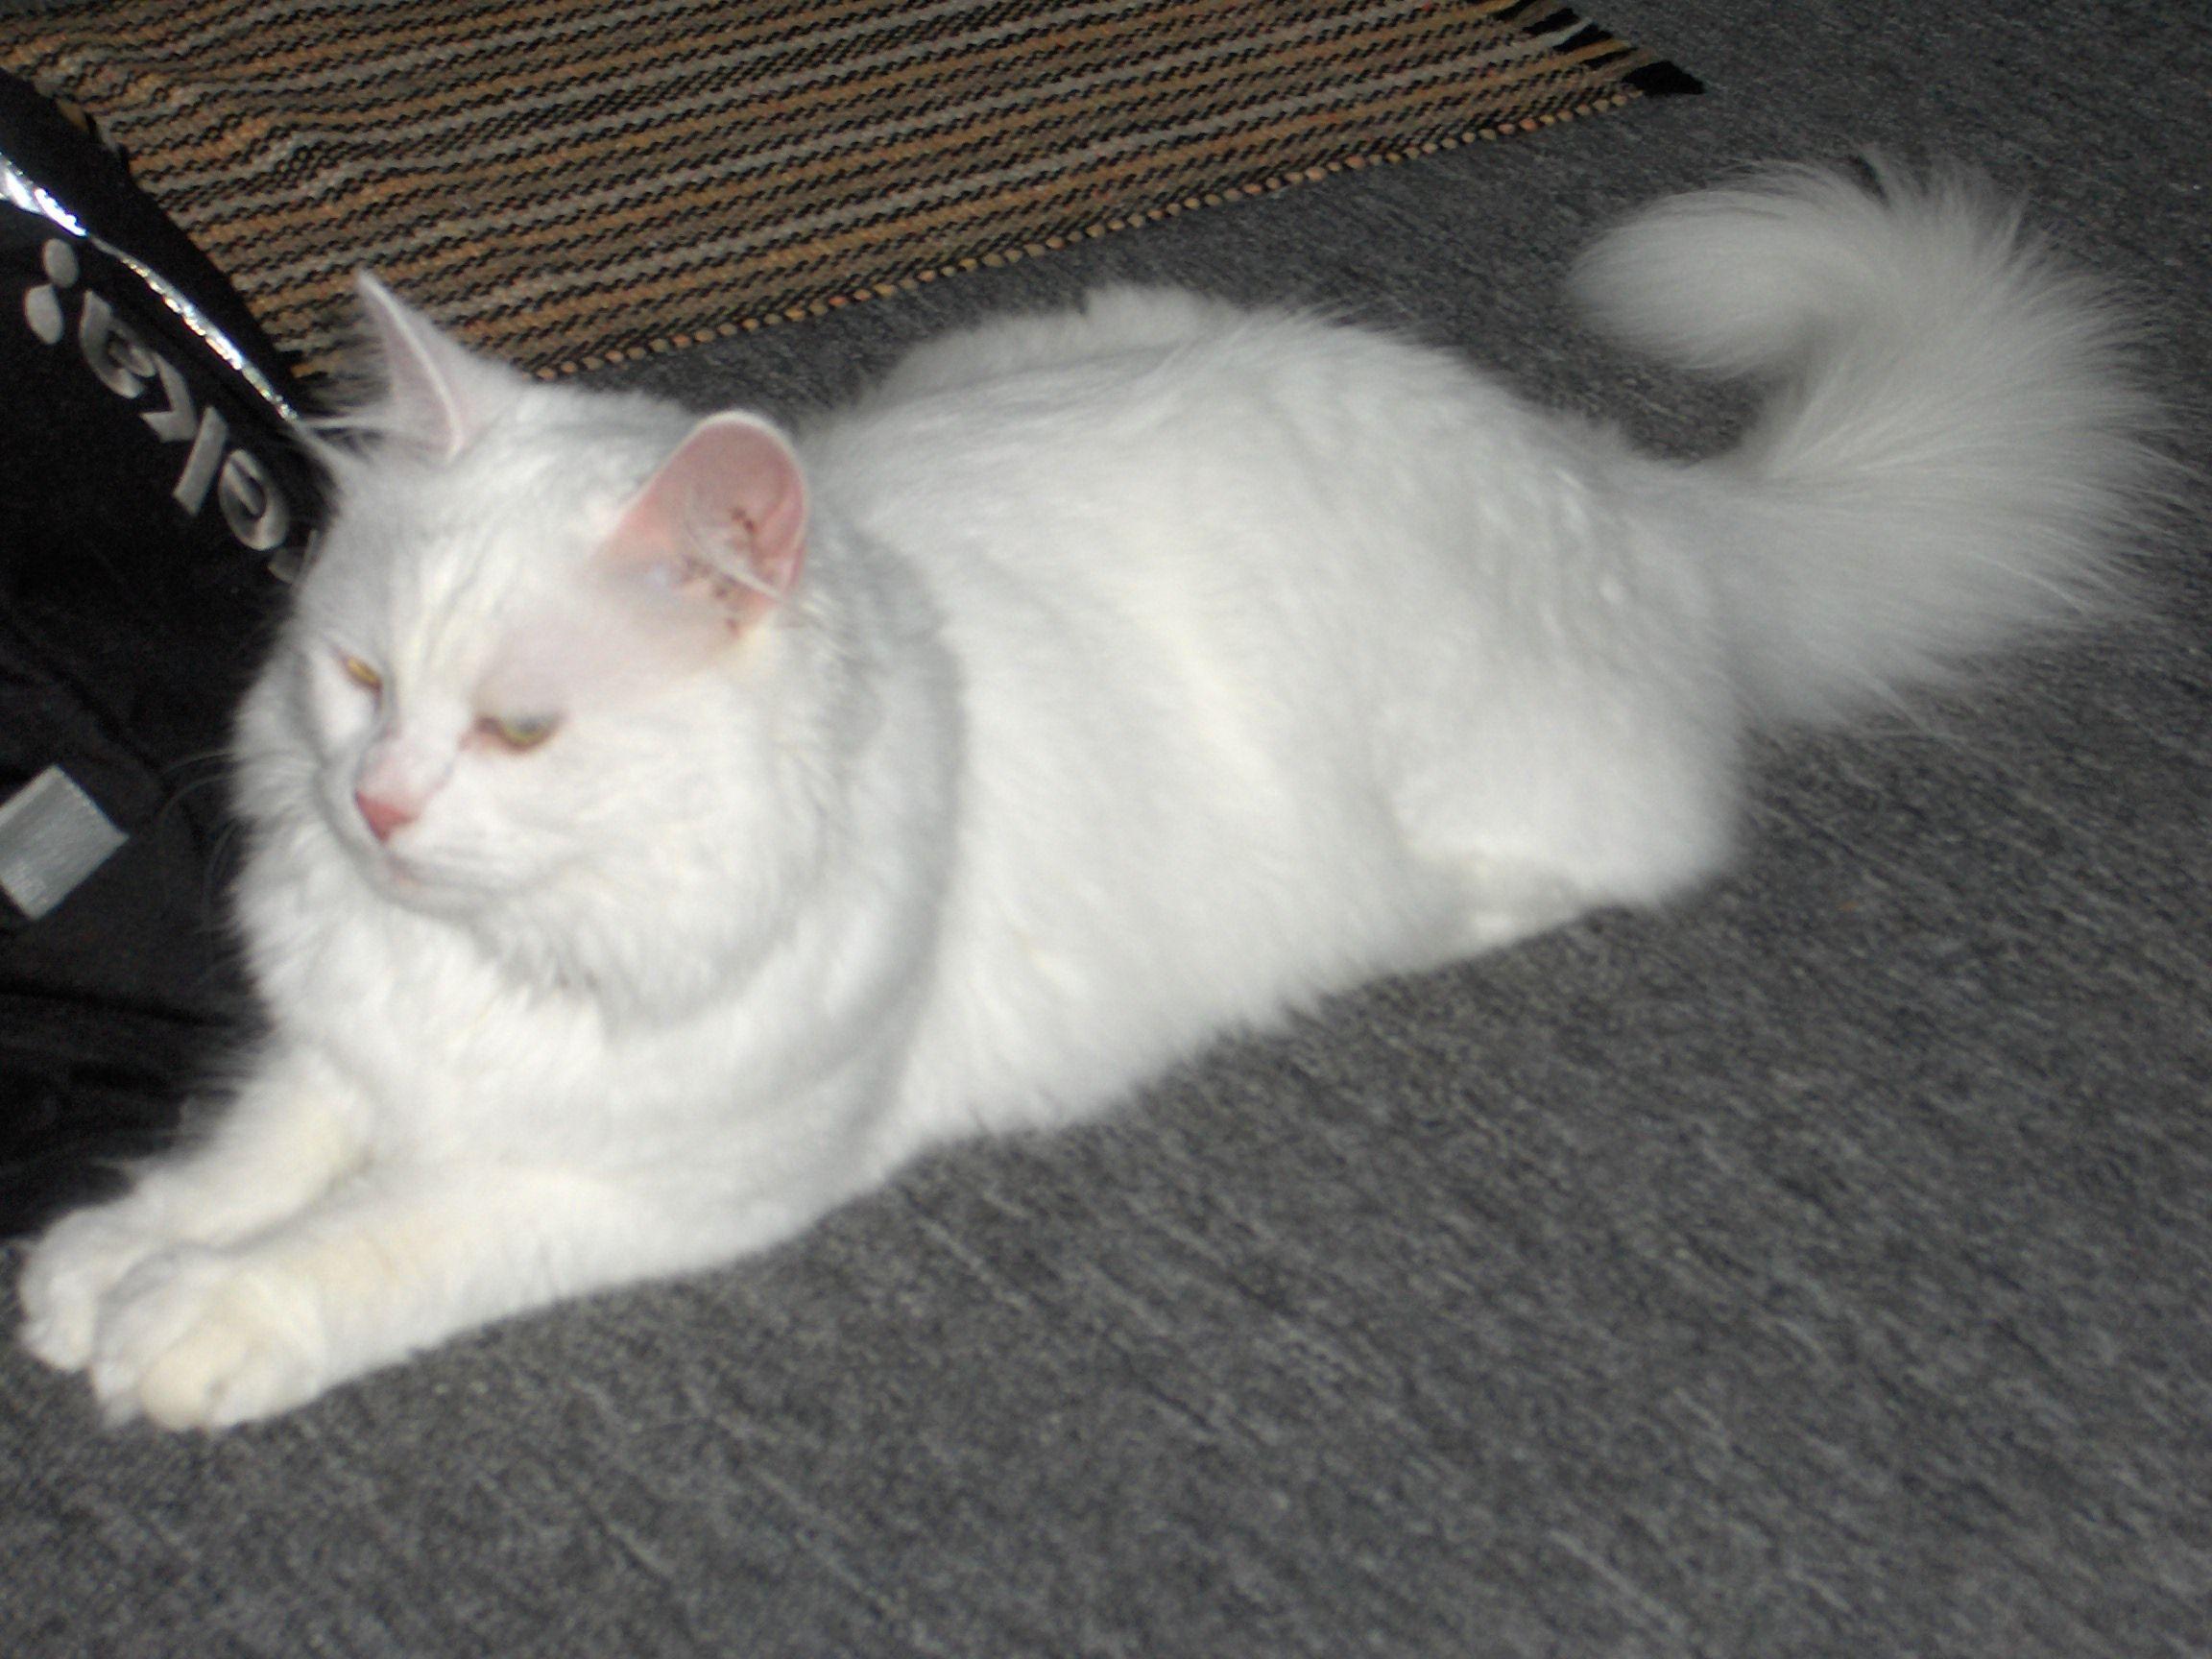 Mon chat kiwi - Mon chat me colle plus que d habitude ...